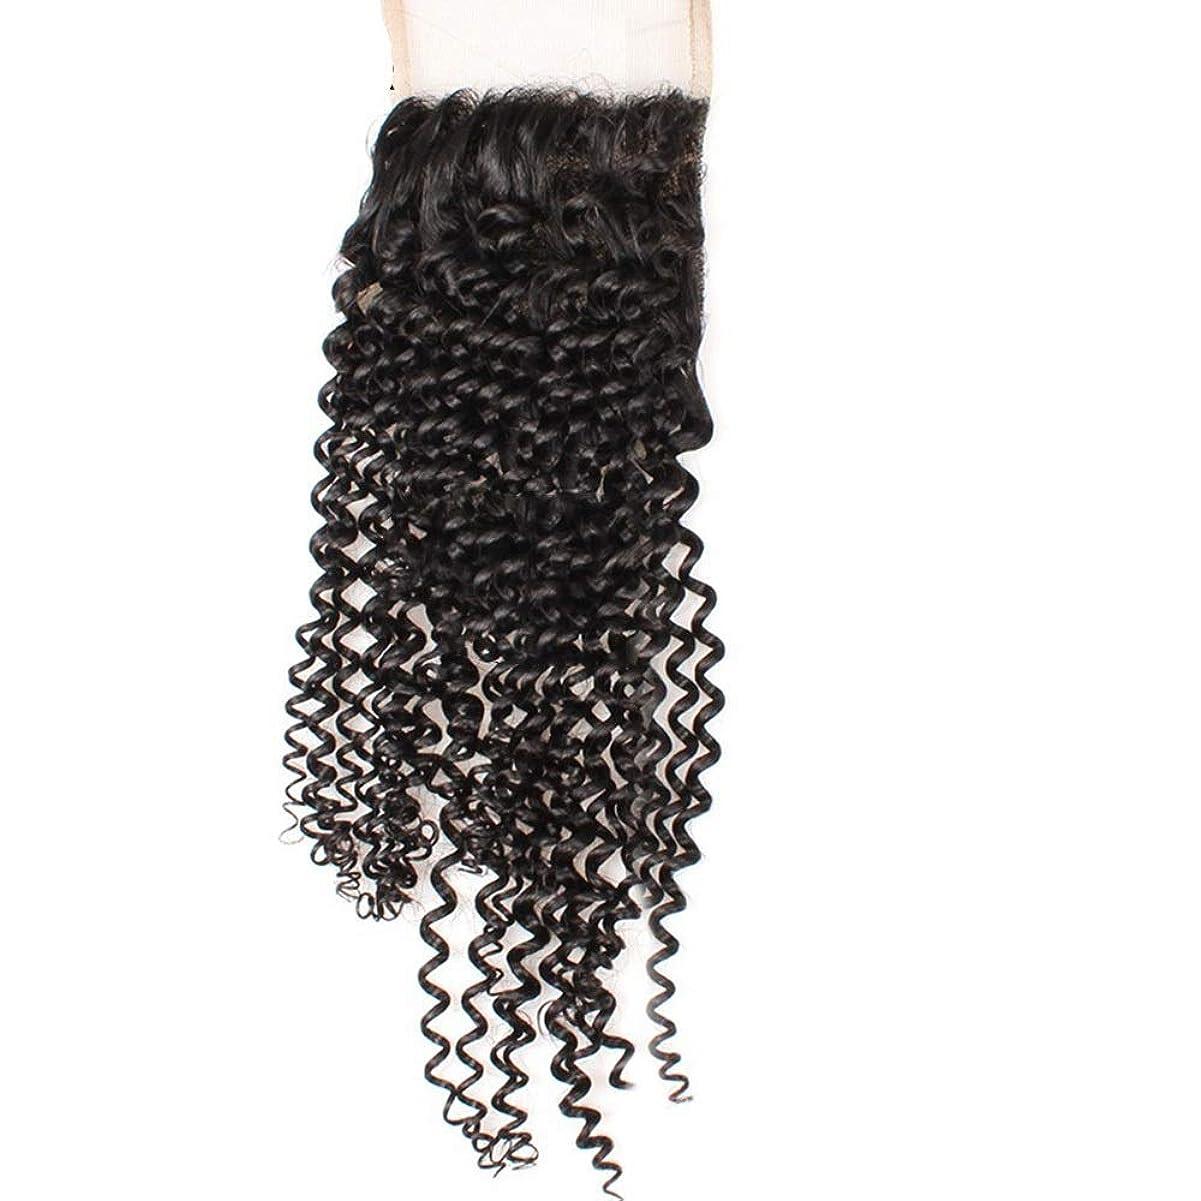 ダルセットぺディカブアクティビティBOBIDYEE 4×4フリーパートレース前頭閉鎖9Aブラジル髪変態カーリーレース閉鎖ロールプレイングかつら女性の自然なかつら (色 : 黒, サイズ : 12 inch)